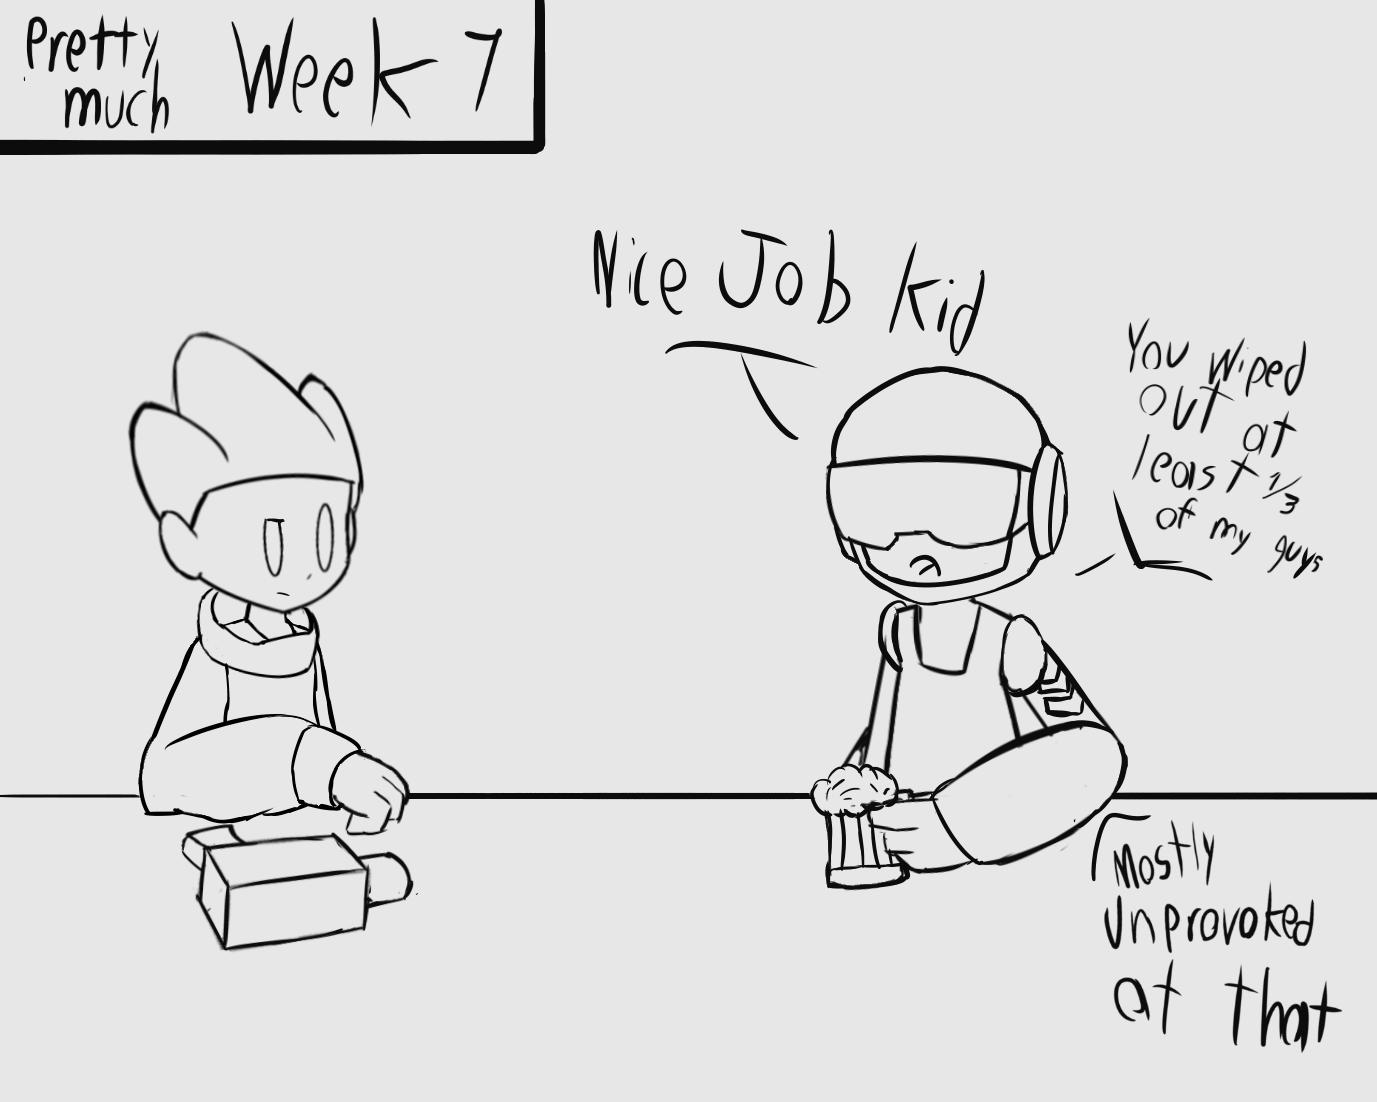 Week 7 Intermission